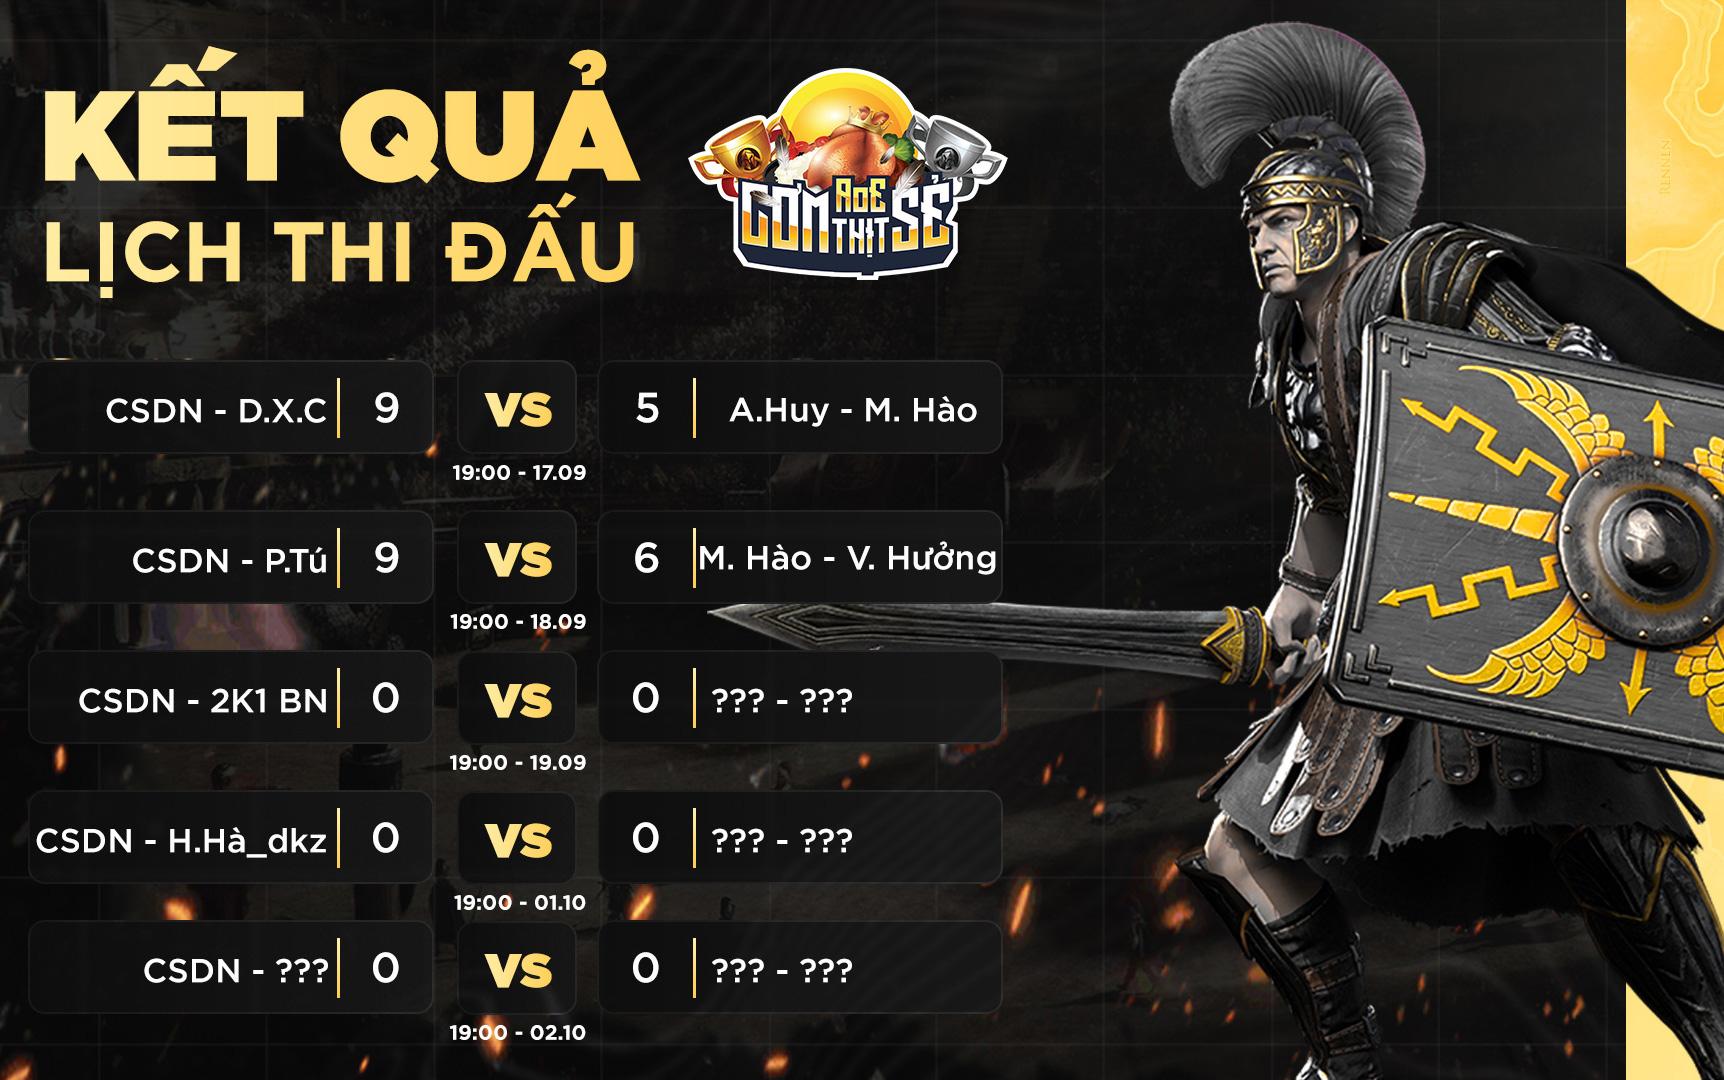 AoE Cơm Thịt Sẻ lần 1 ngày thi đấu thứ 2: Chém defeat Chim Sẻ Đi Nắng - Mạnh Hào đang dần chứng tỏ mình